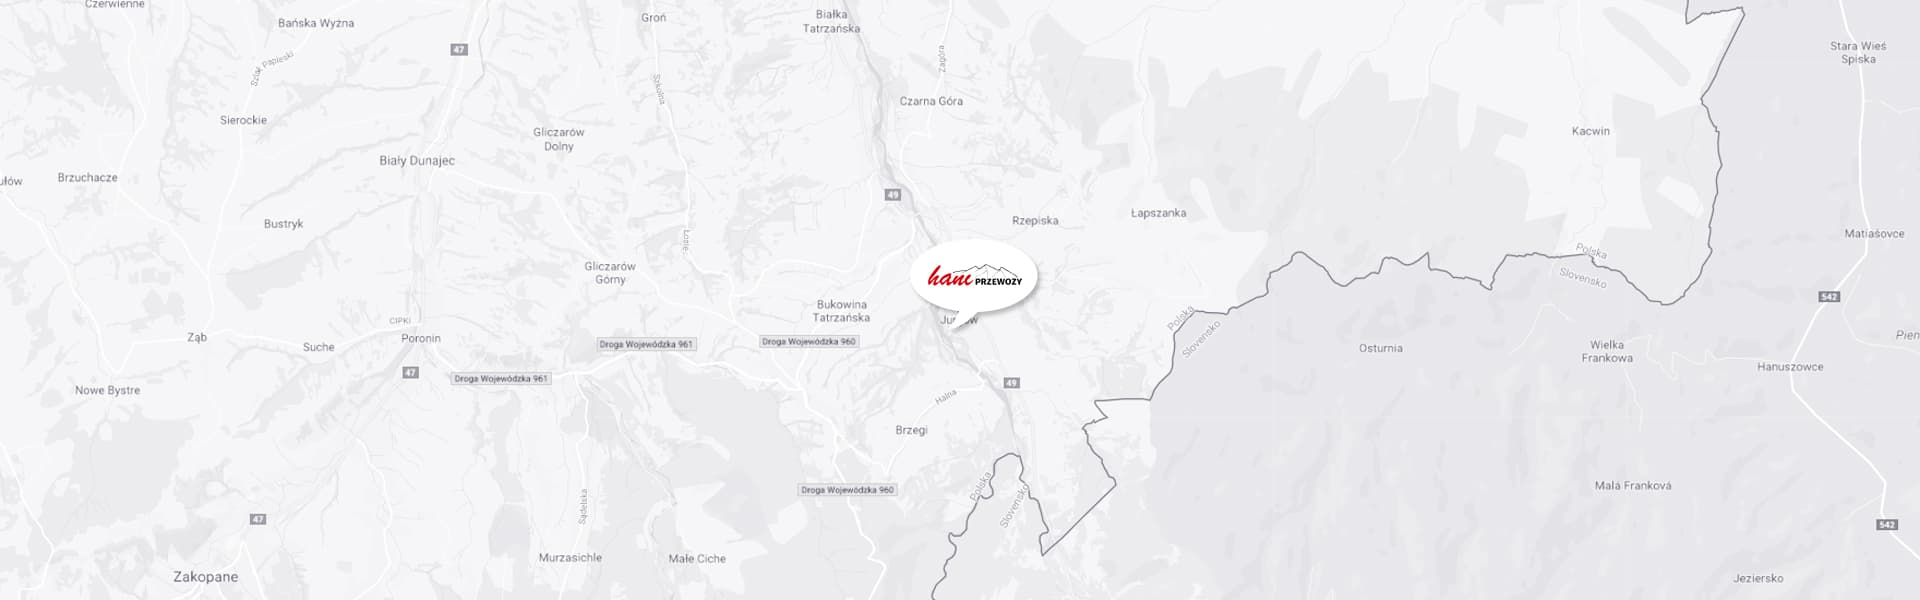 przewozy-mapa-background